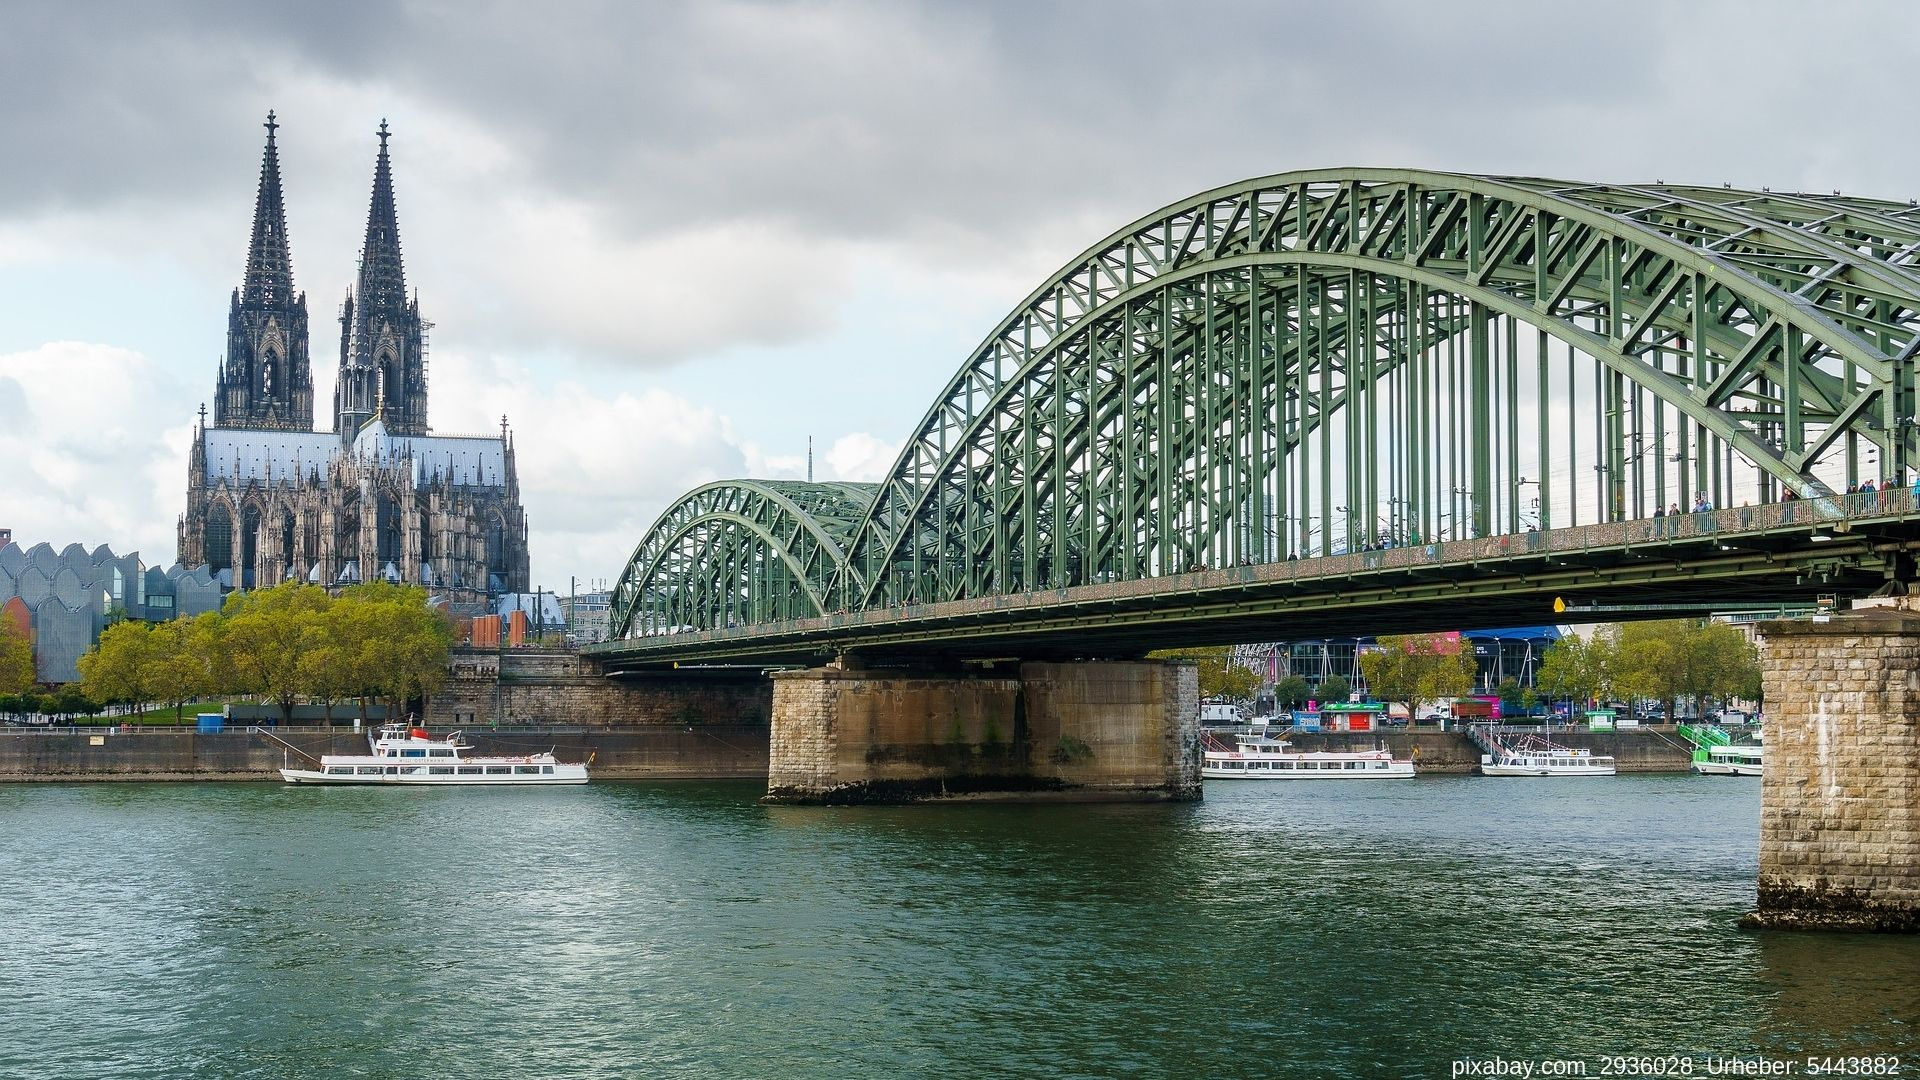 Zeltverleih Köln - Finden Sie das passende Zelt für Ihr Event!